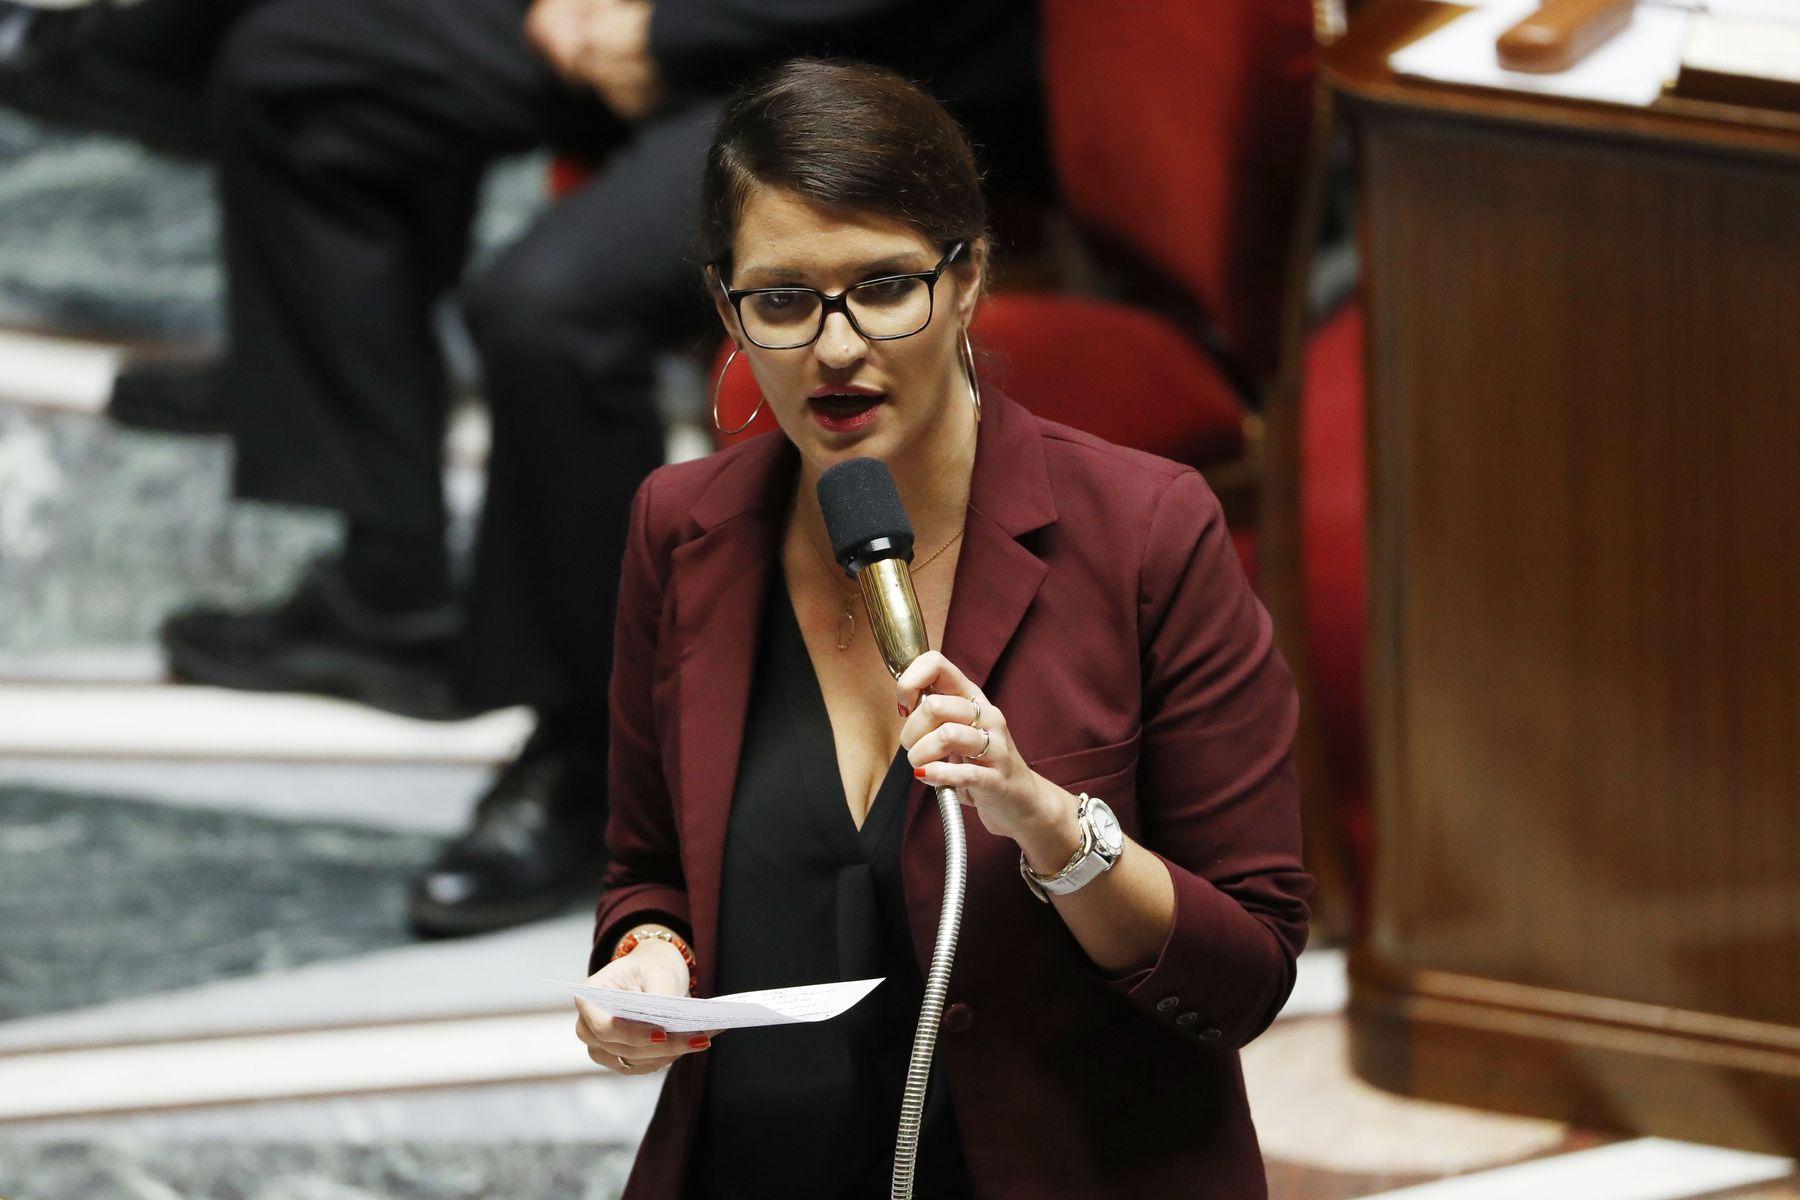 Projet de loi sur les violences sexistes et sexuelles toujours en débat